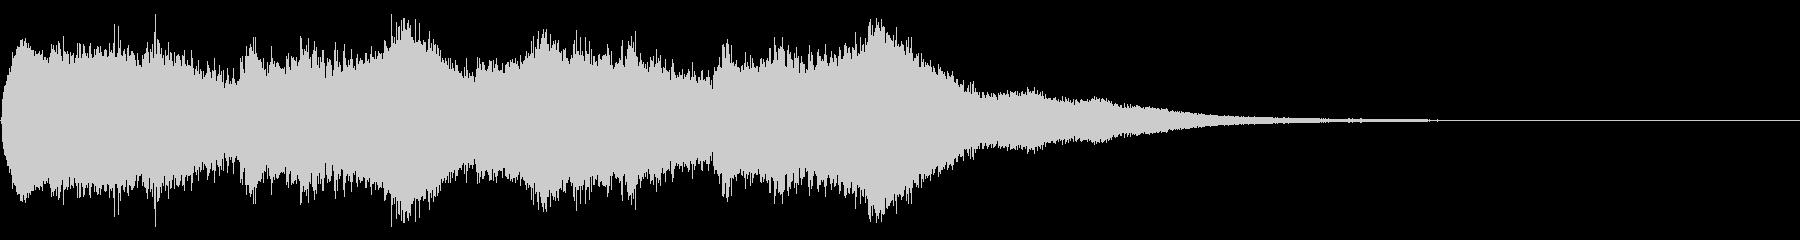 キンコンカンコン♪(町の時計台風)の未再生の波形